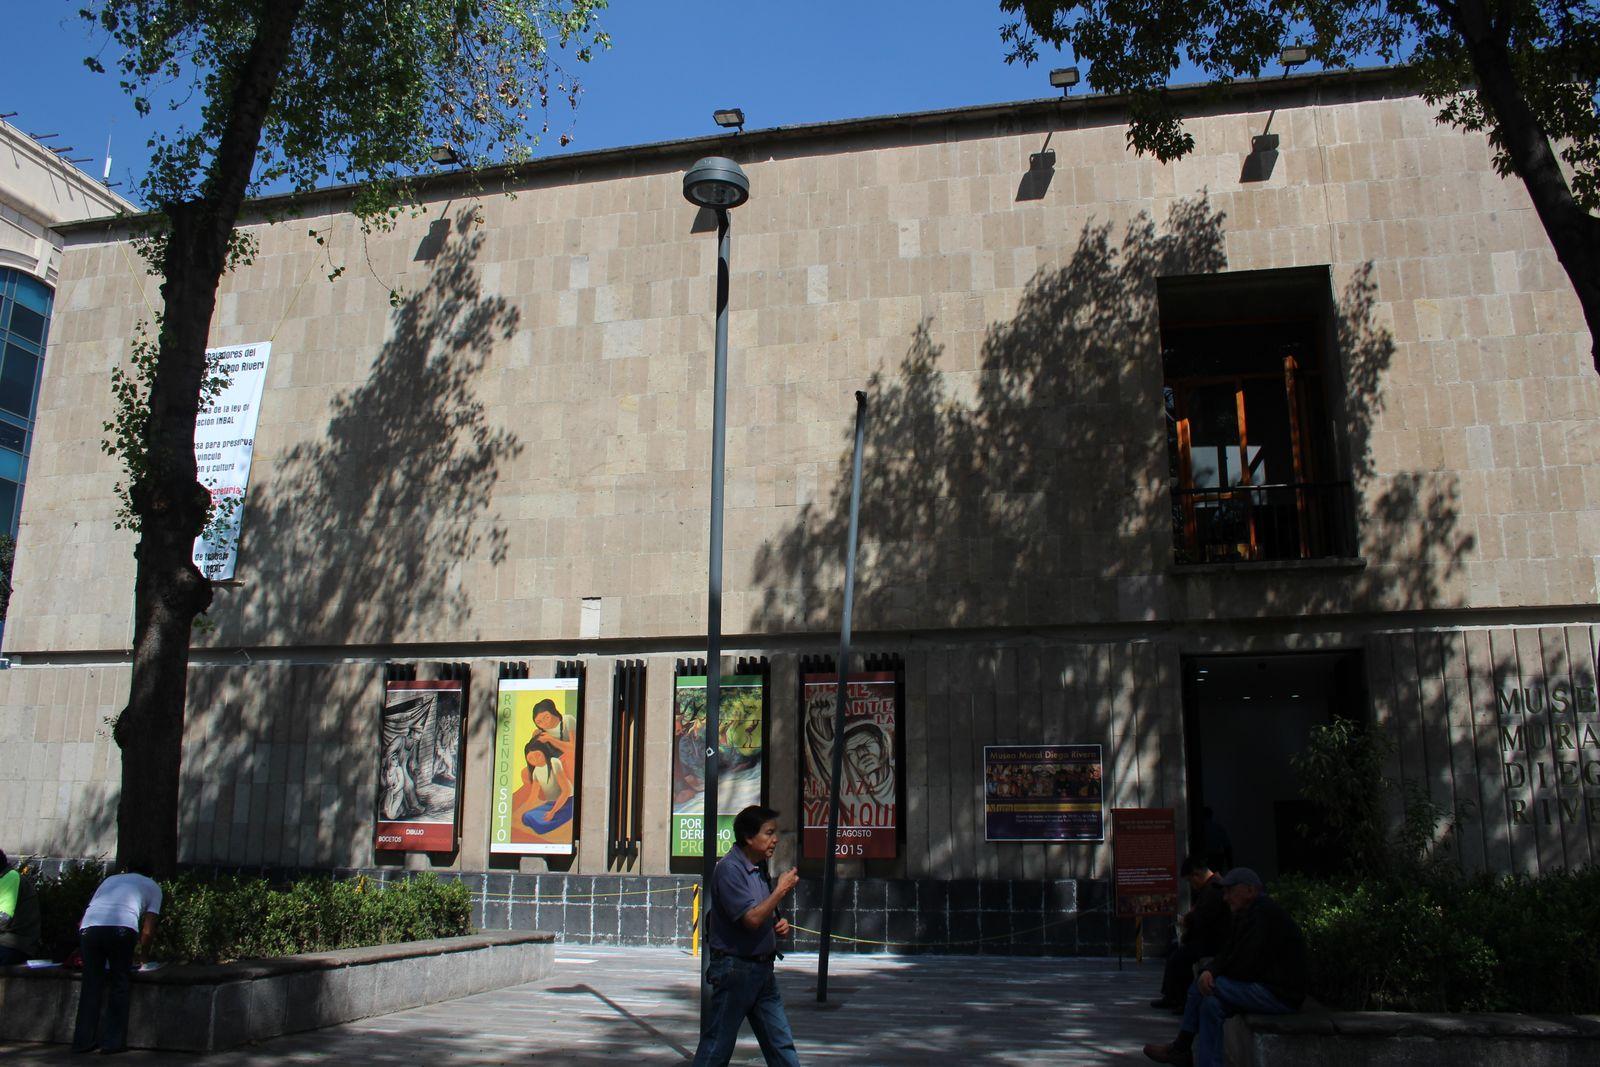 디에고 리베라 벽화 박물관 외관.